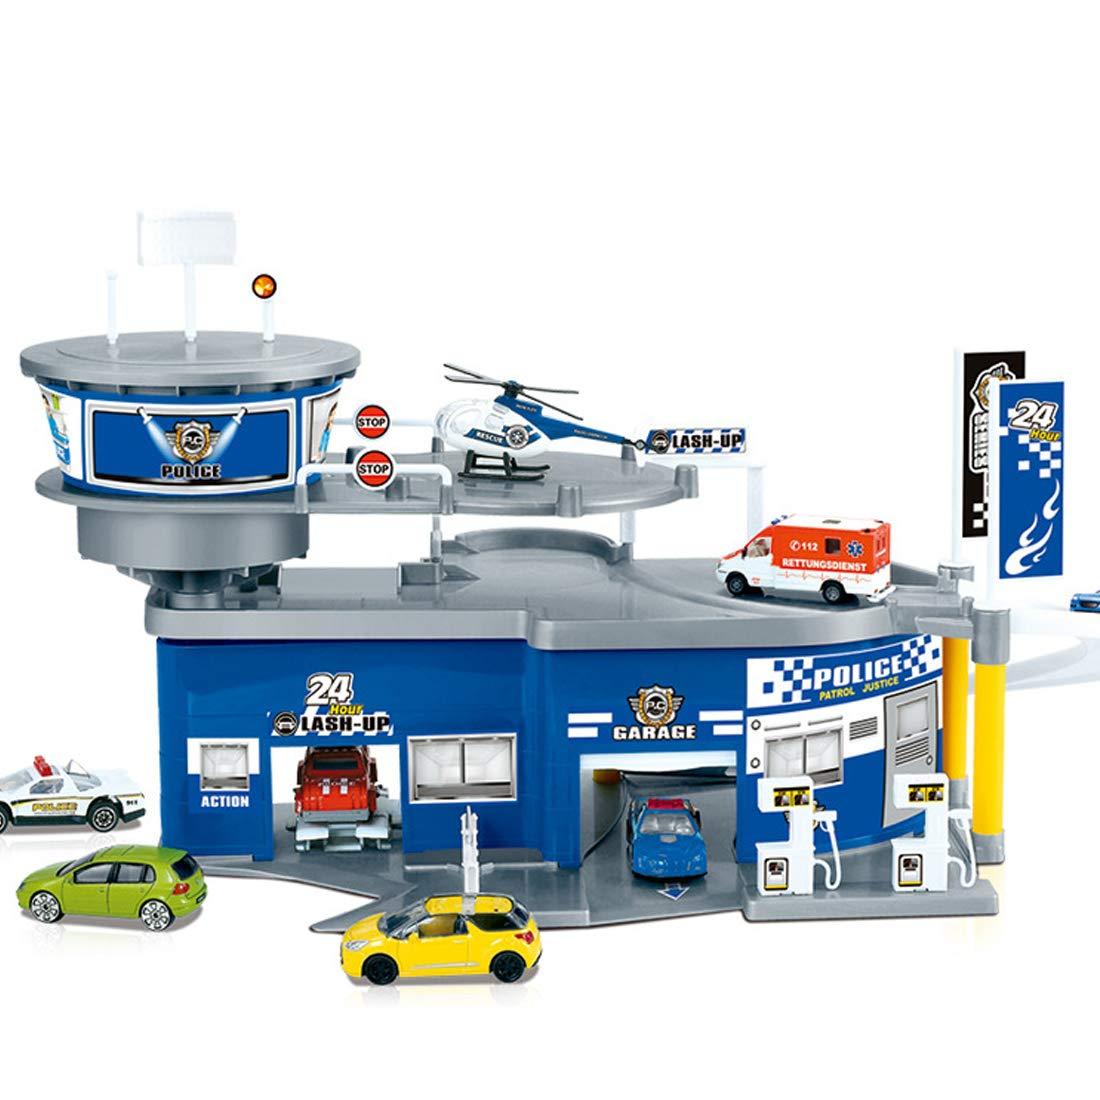 Et Yvsoo NoëlInclus PoliceHélicoptère EnfantParking 3d Garage De VoieKit Voiture Cadeau 3 Idée MzpjLqGSVU